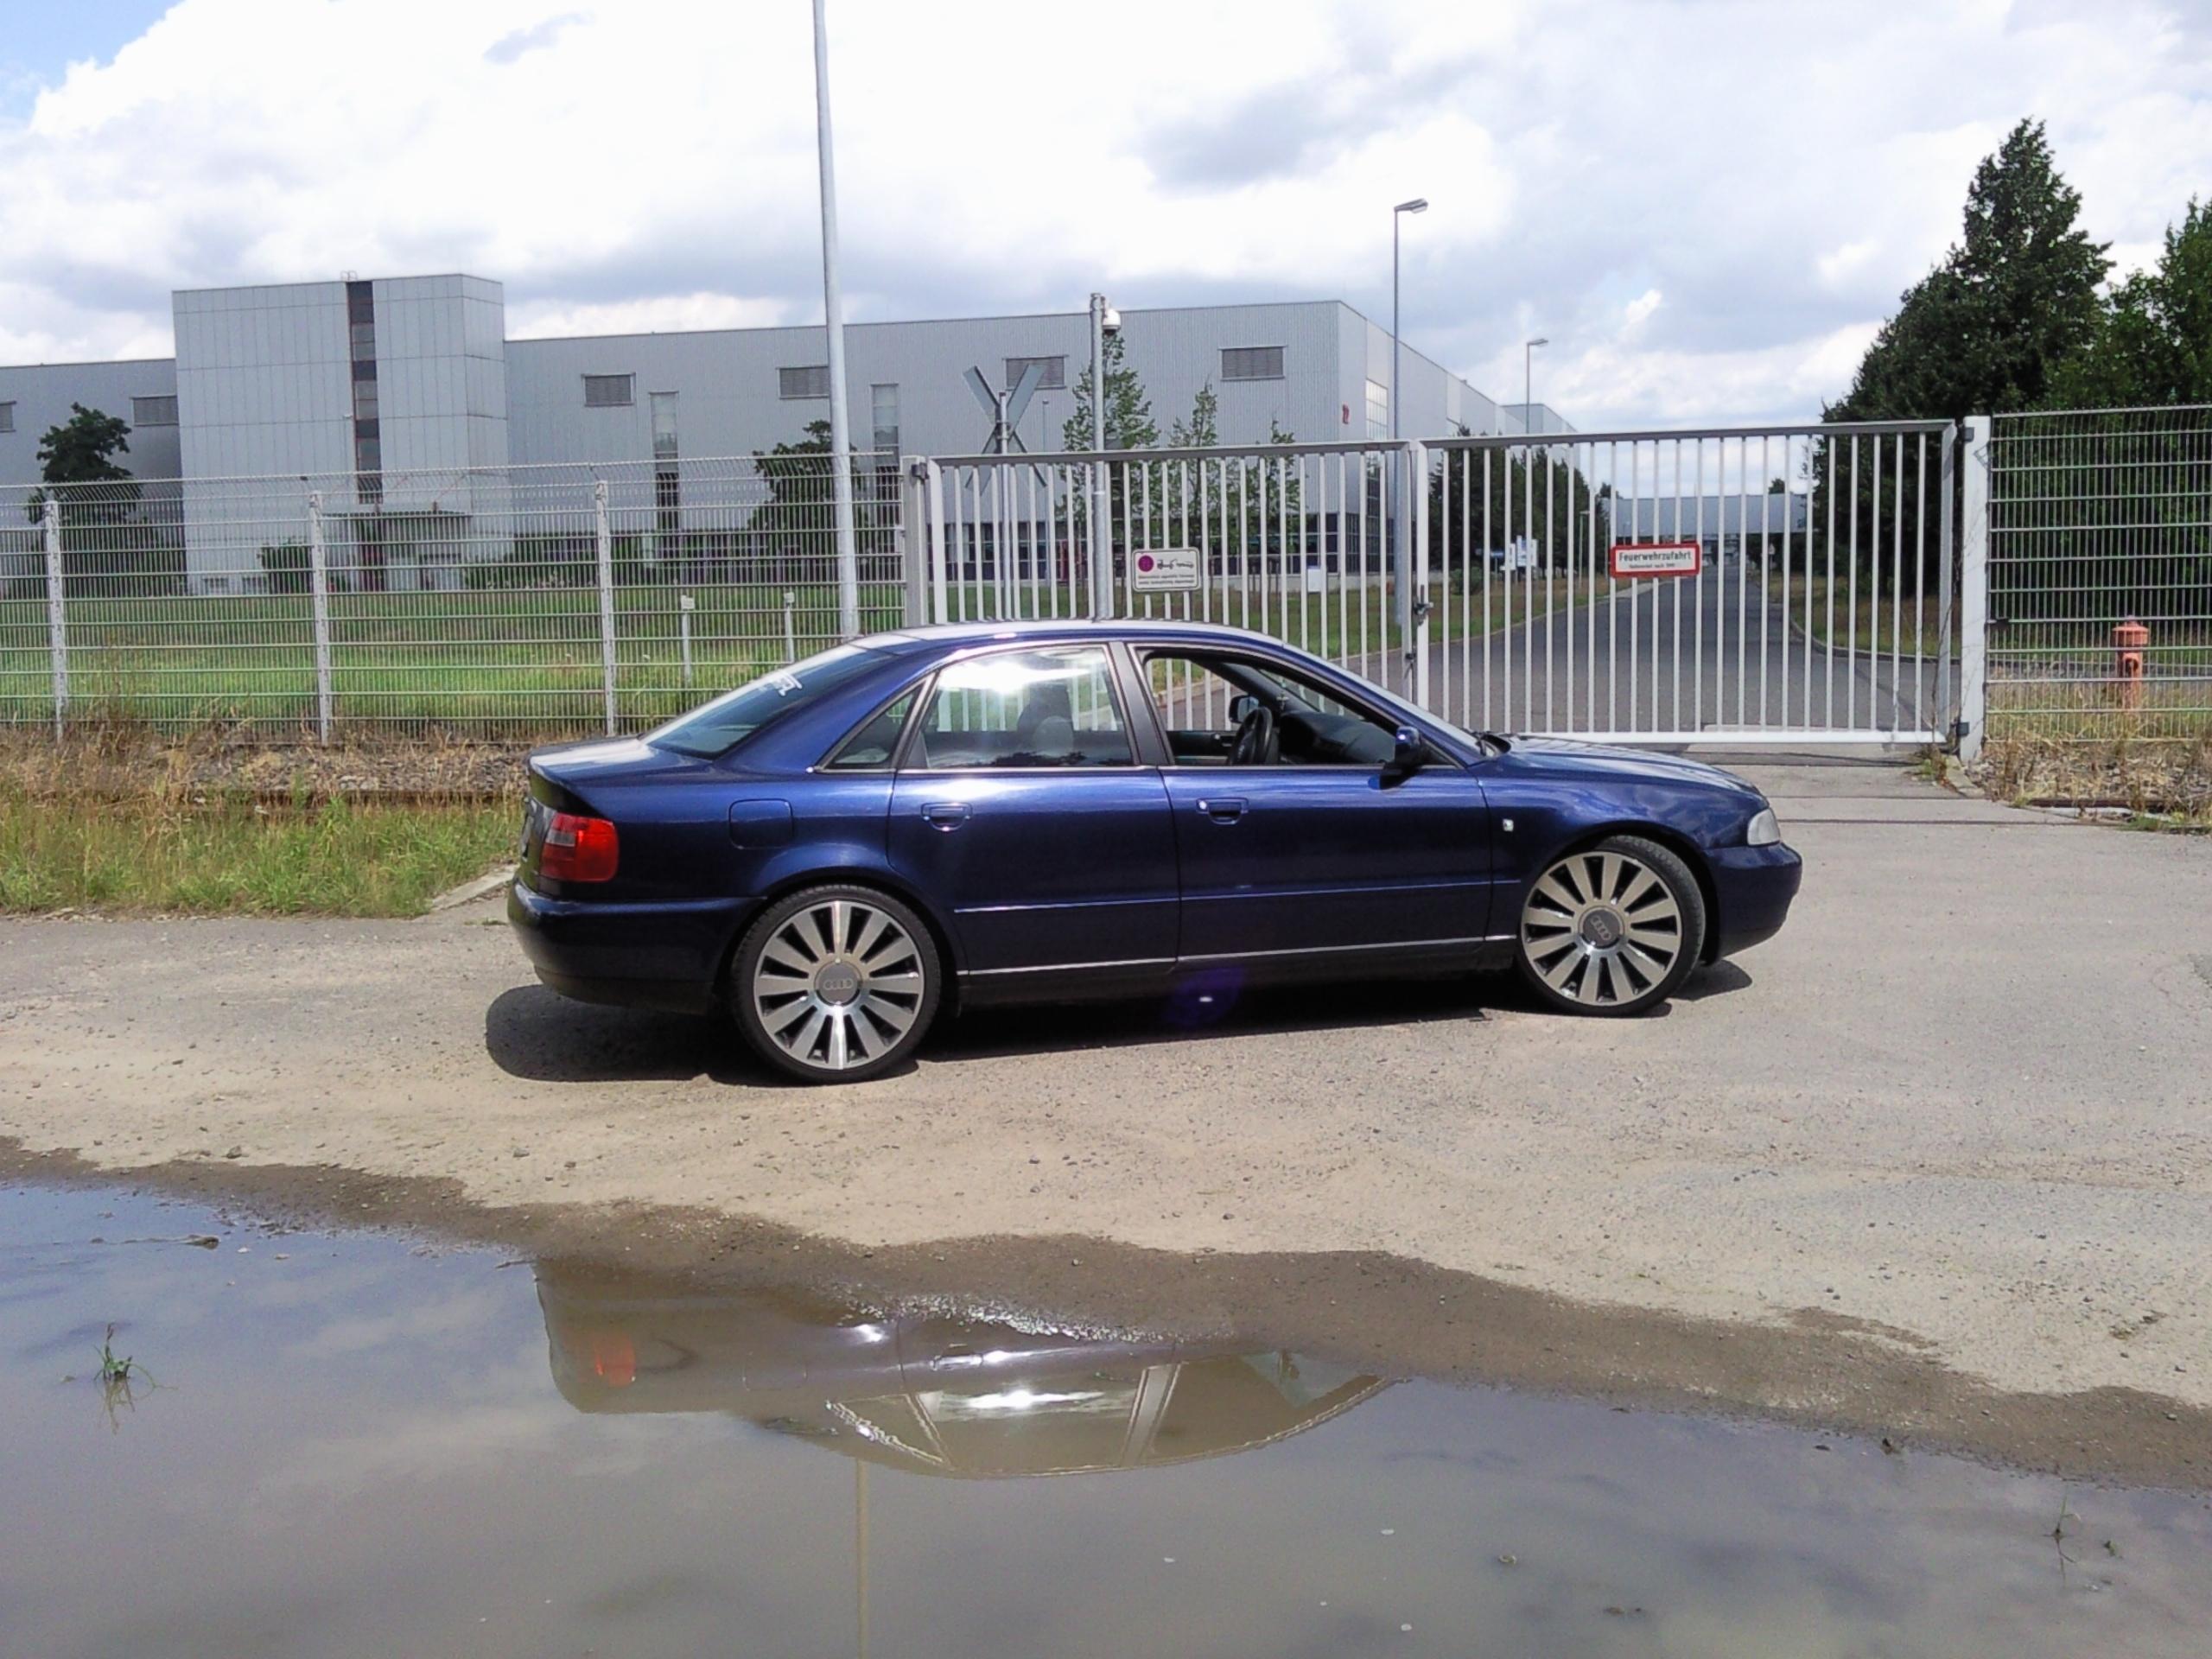 Jakie Felgi 17 Czy 18 Koła Felgi I Opony Audi A4 Klub